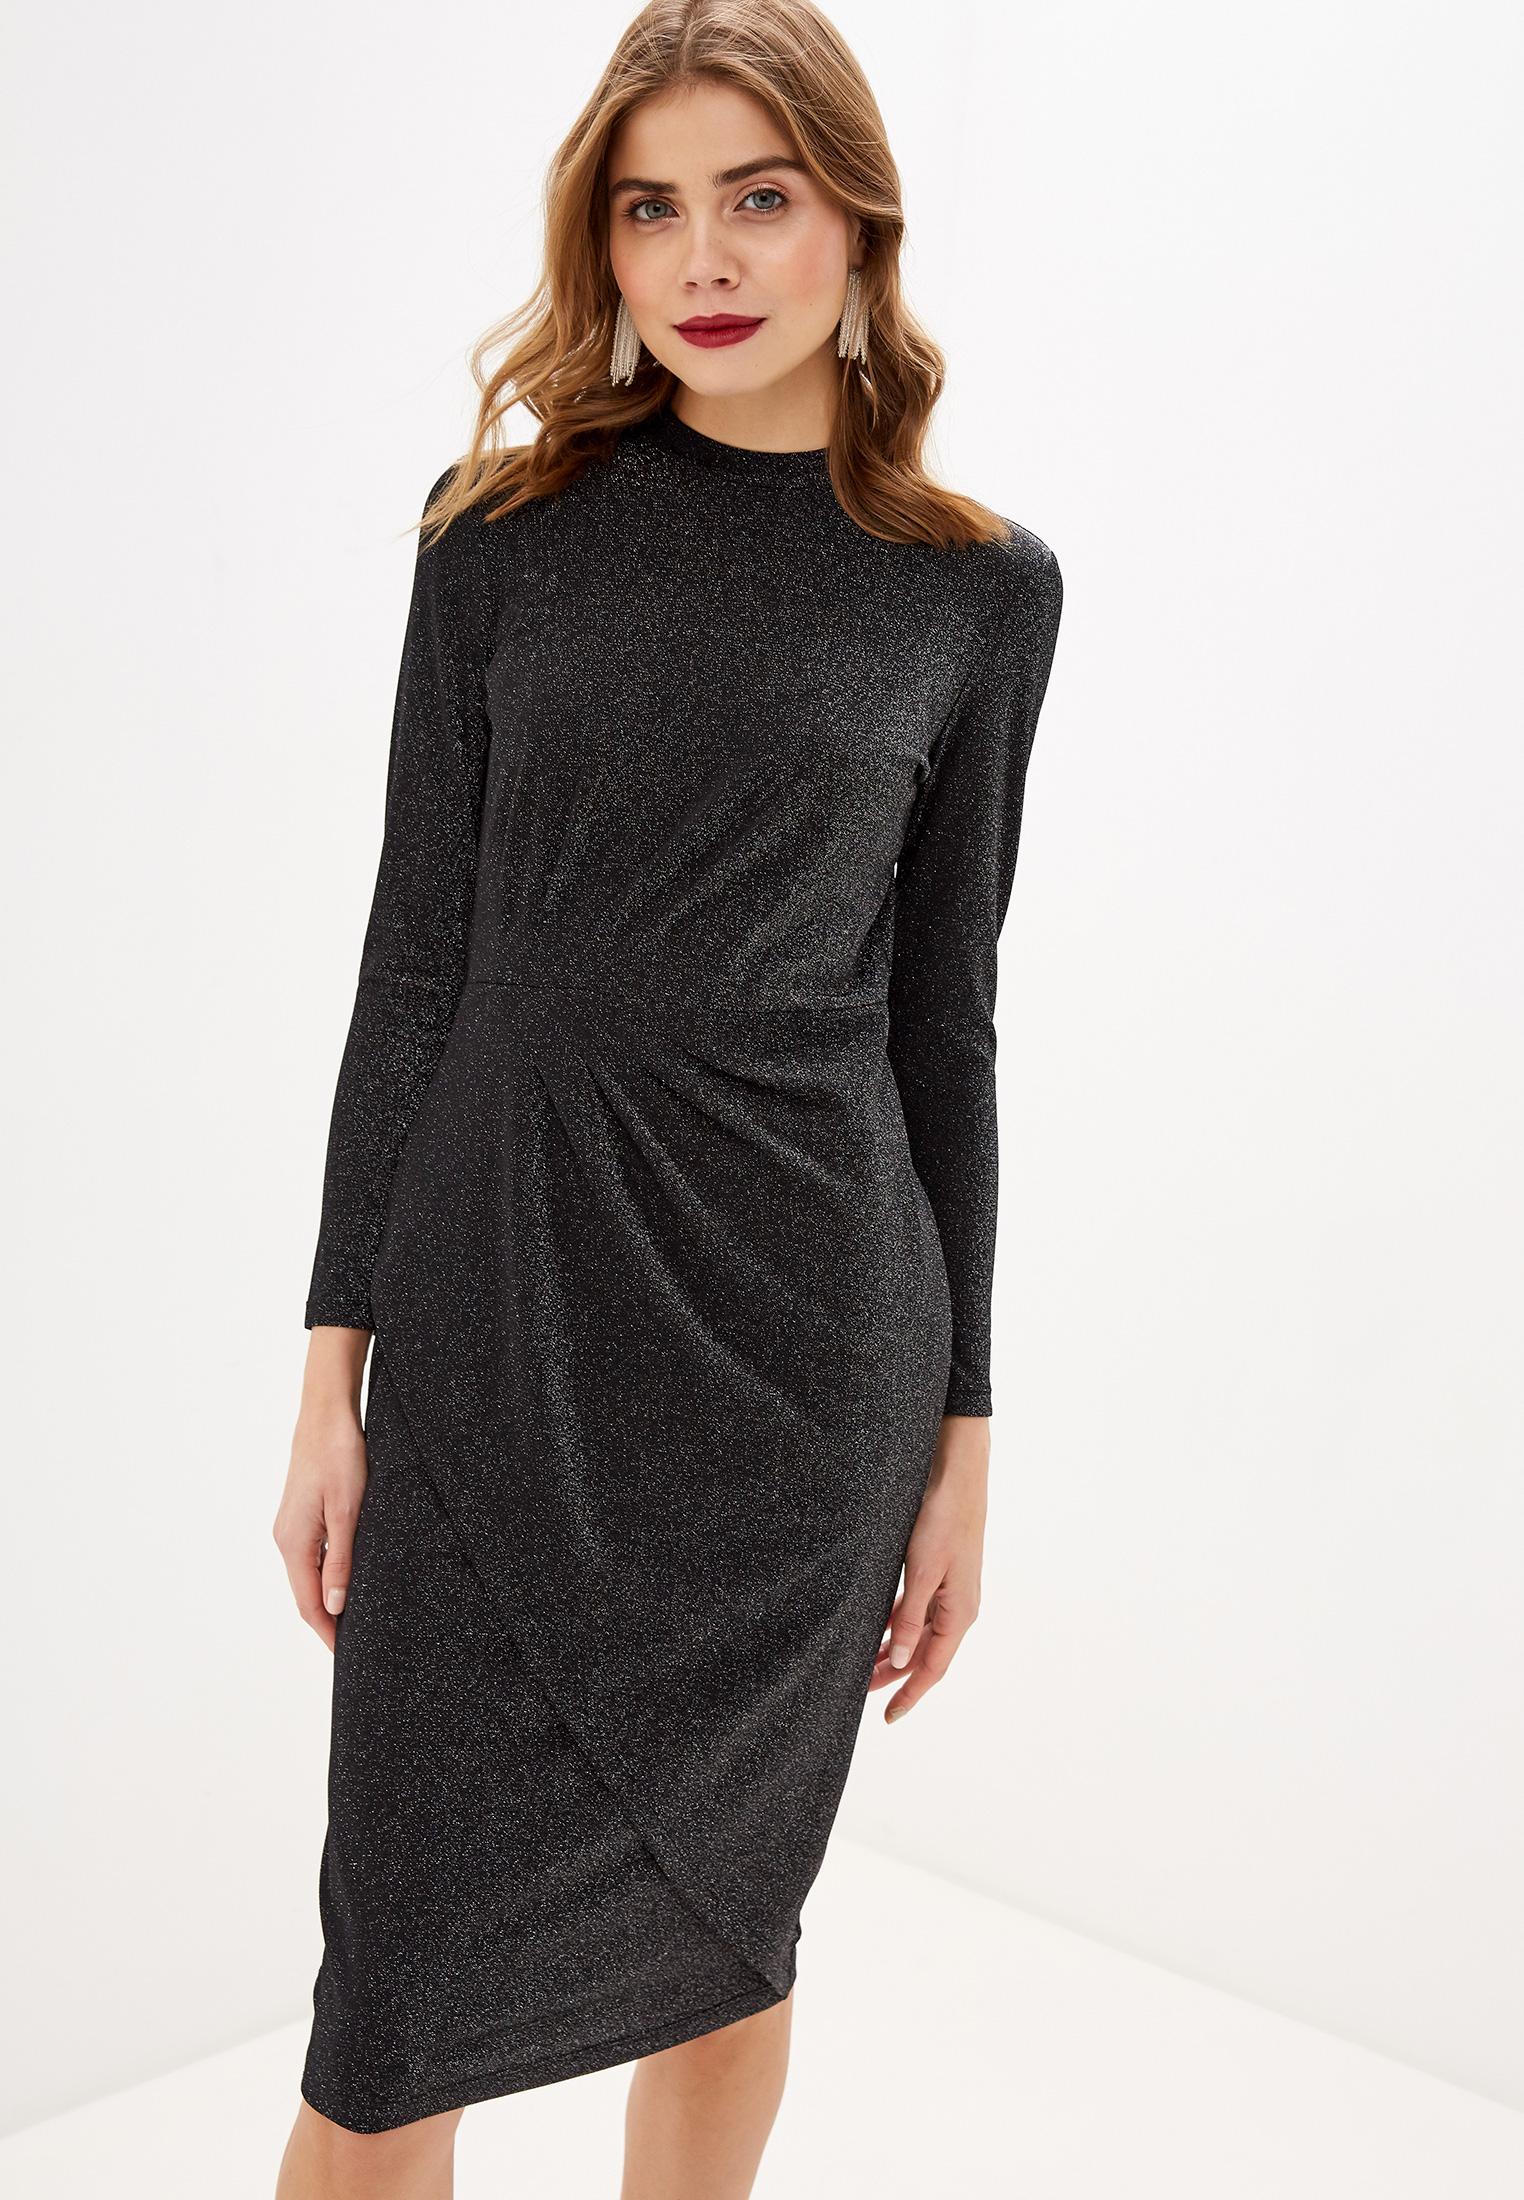 Вечернее / коктейльное платье Sela (Сэла) DK-117/1299-9424